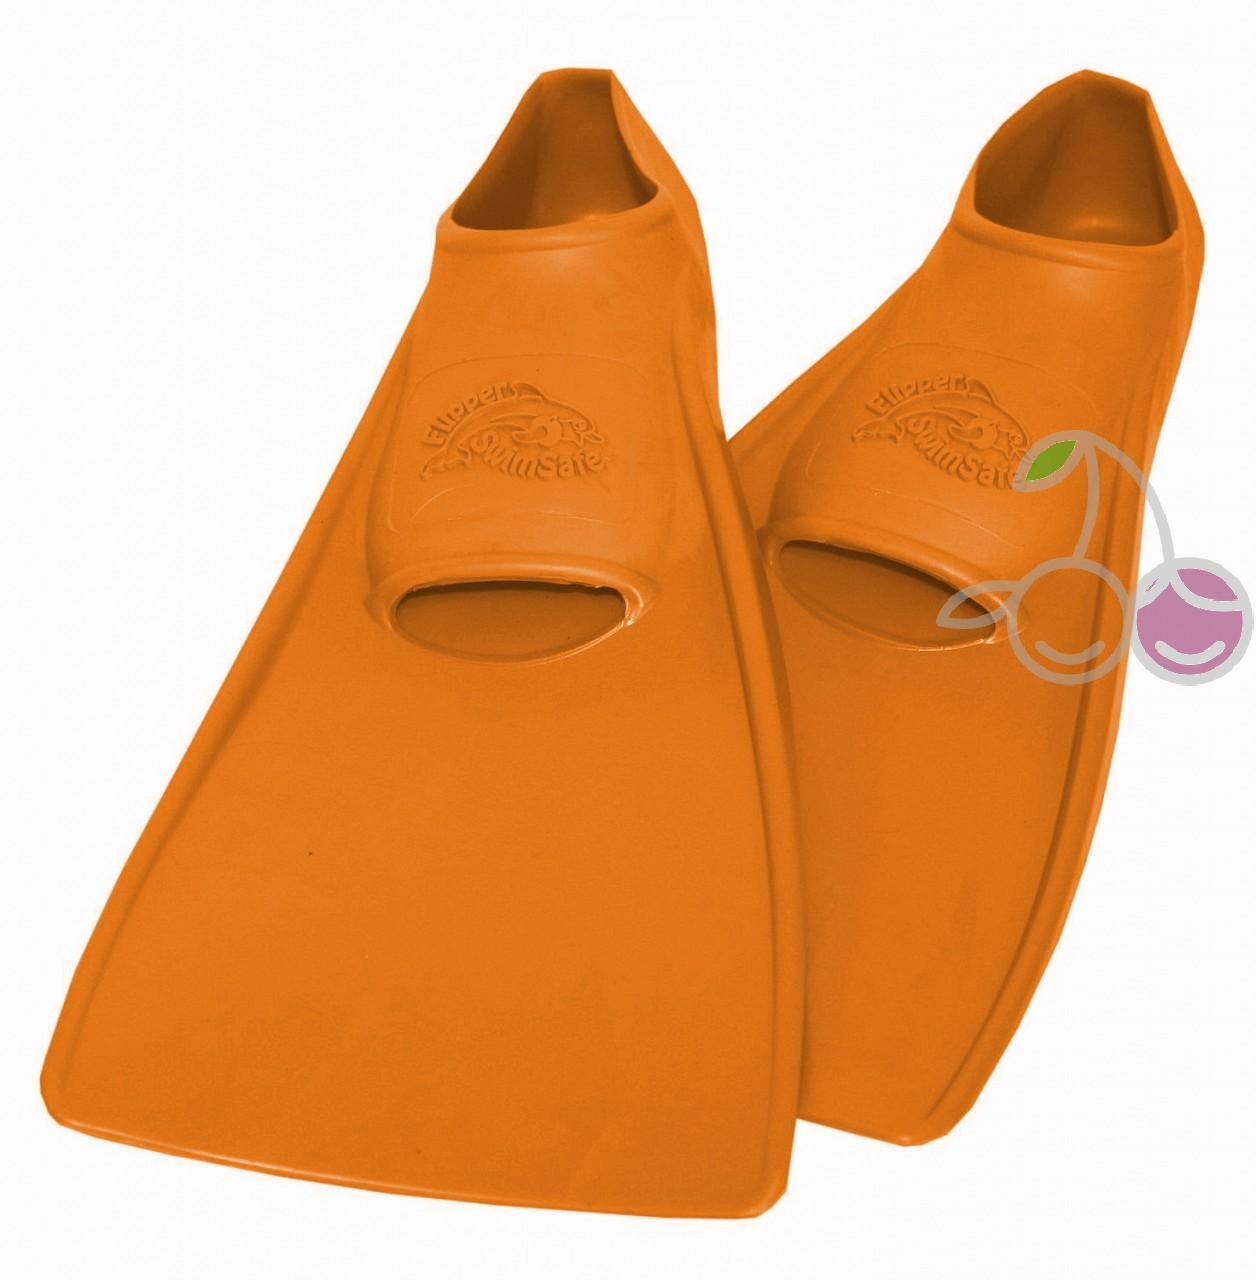 Ласты для бассейна резиновые детские размеры 22-24 оранжевые СВИМСЕЙФ (SwimSafe) Германия, - фото 1